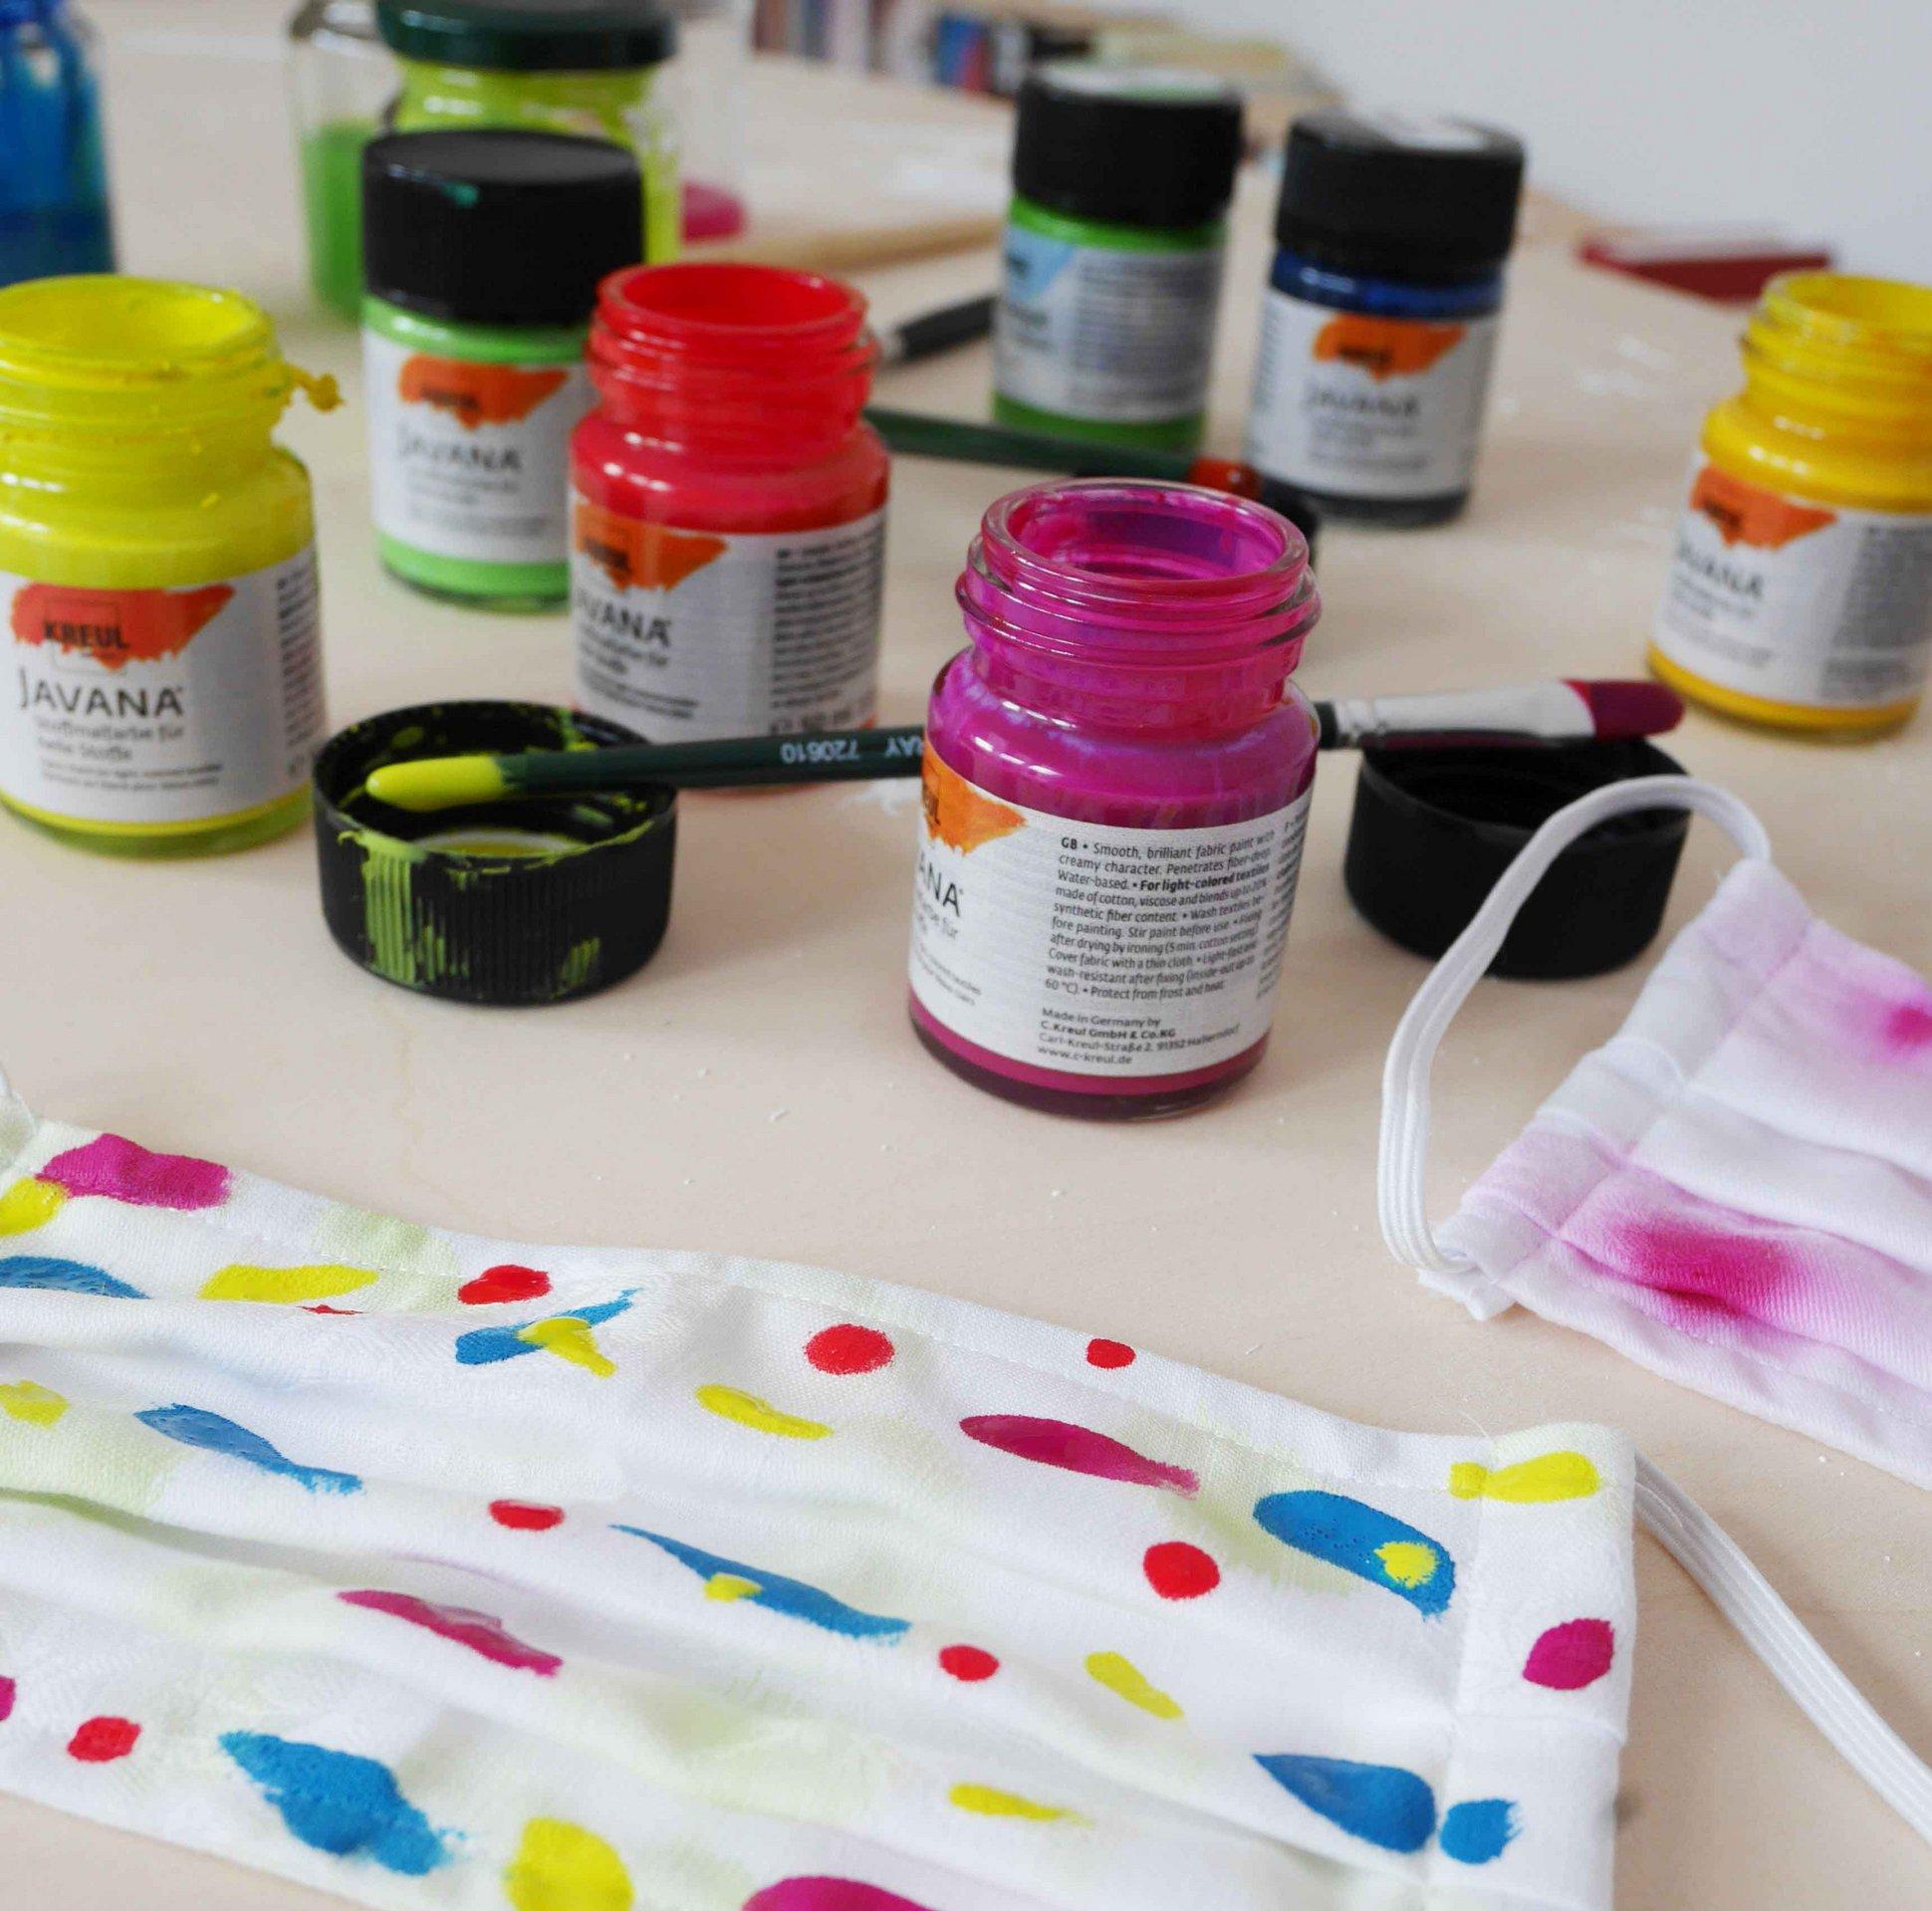 KREUL Javana Stoffmalfarbe DIY Mundschutz künstlerisch gestalten